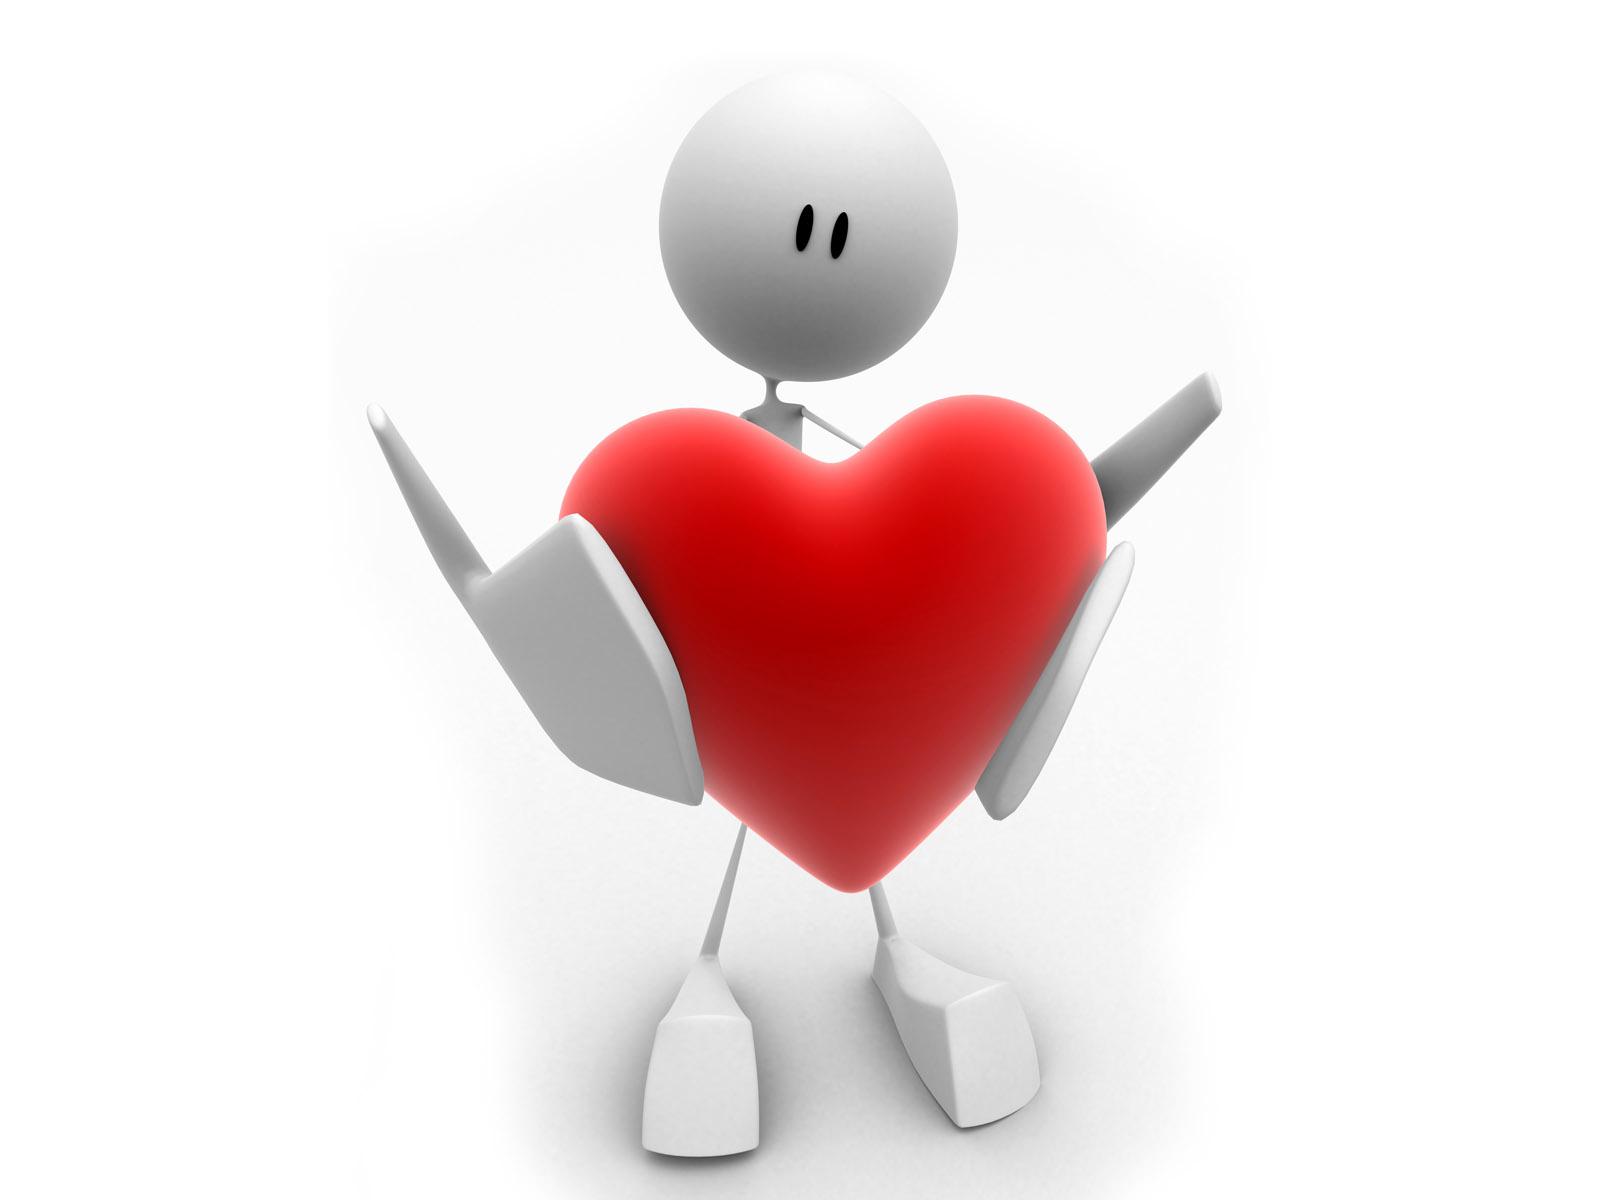 Love Heart Wallpaper Animation : El Mejor Regalo Para Tu corazon.